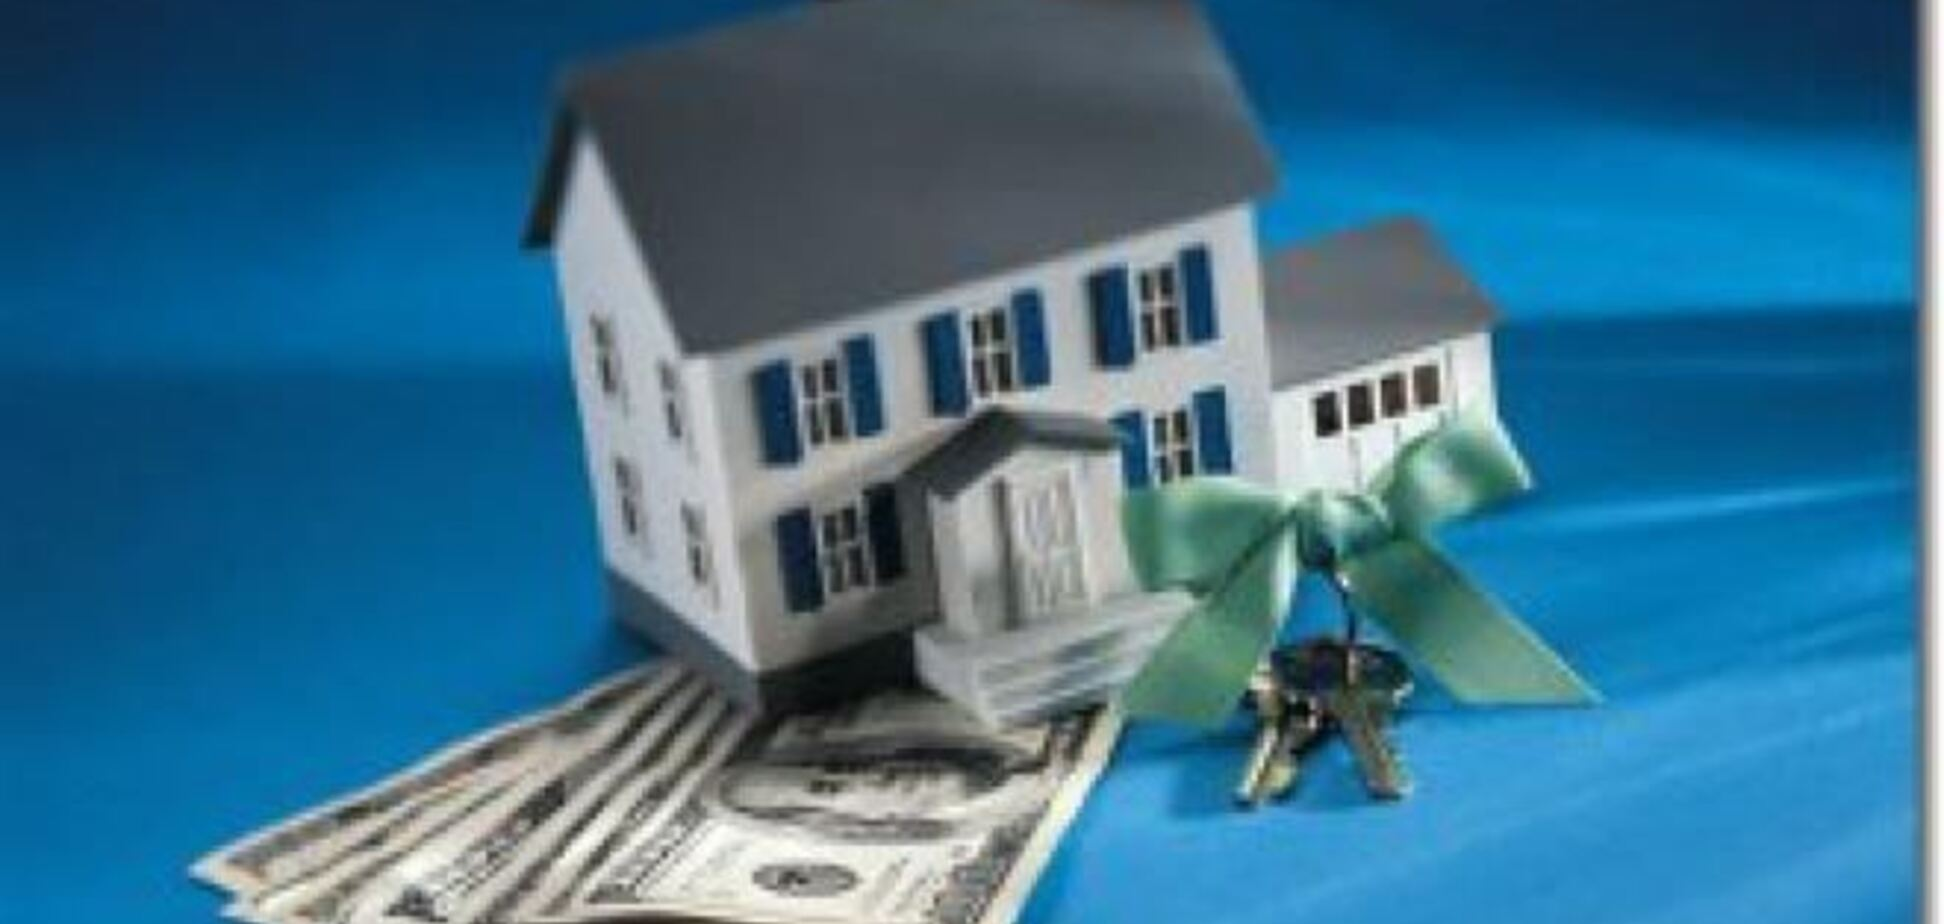 Налоги на недвижимость: сколько платят собственники жилья в Евросоюзе